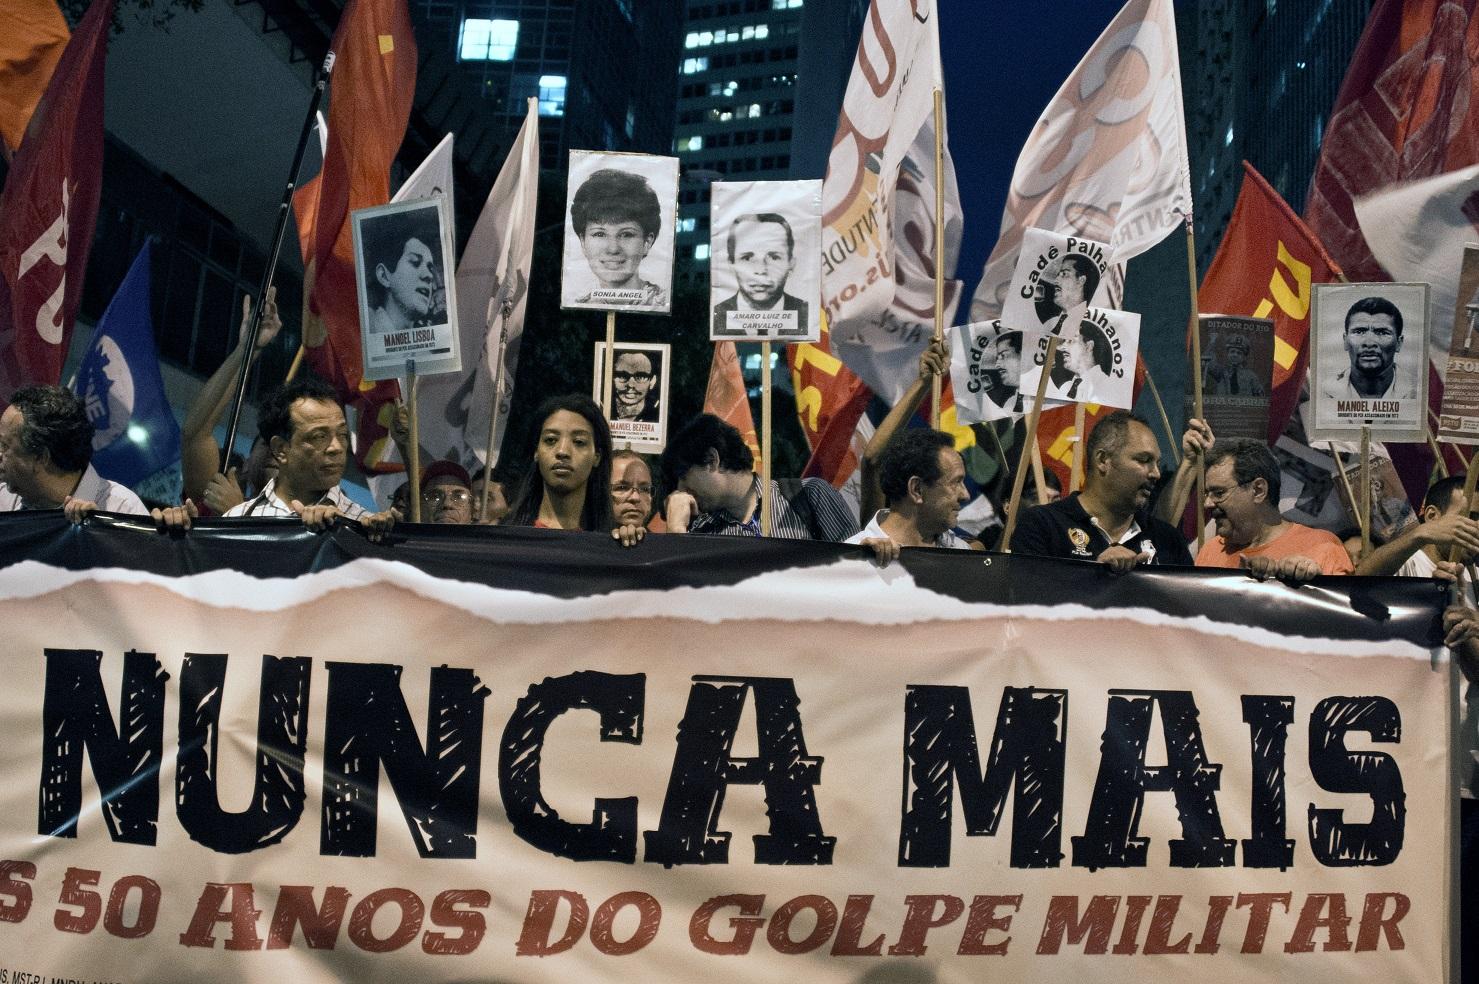 Ativistas da Anistia Internacional em protesto contra os 50 anos do golpe militar, em 2014: paralelo com contexto atual. AFP/ Foto: Vanderlei Almeida